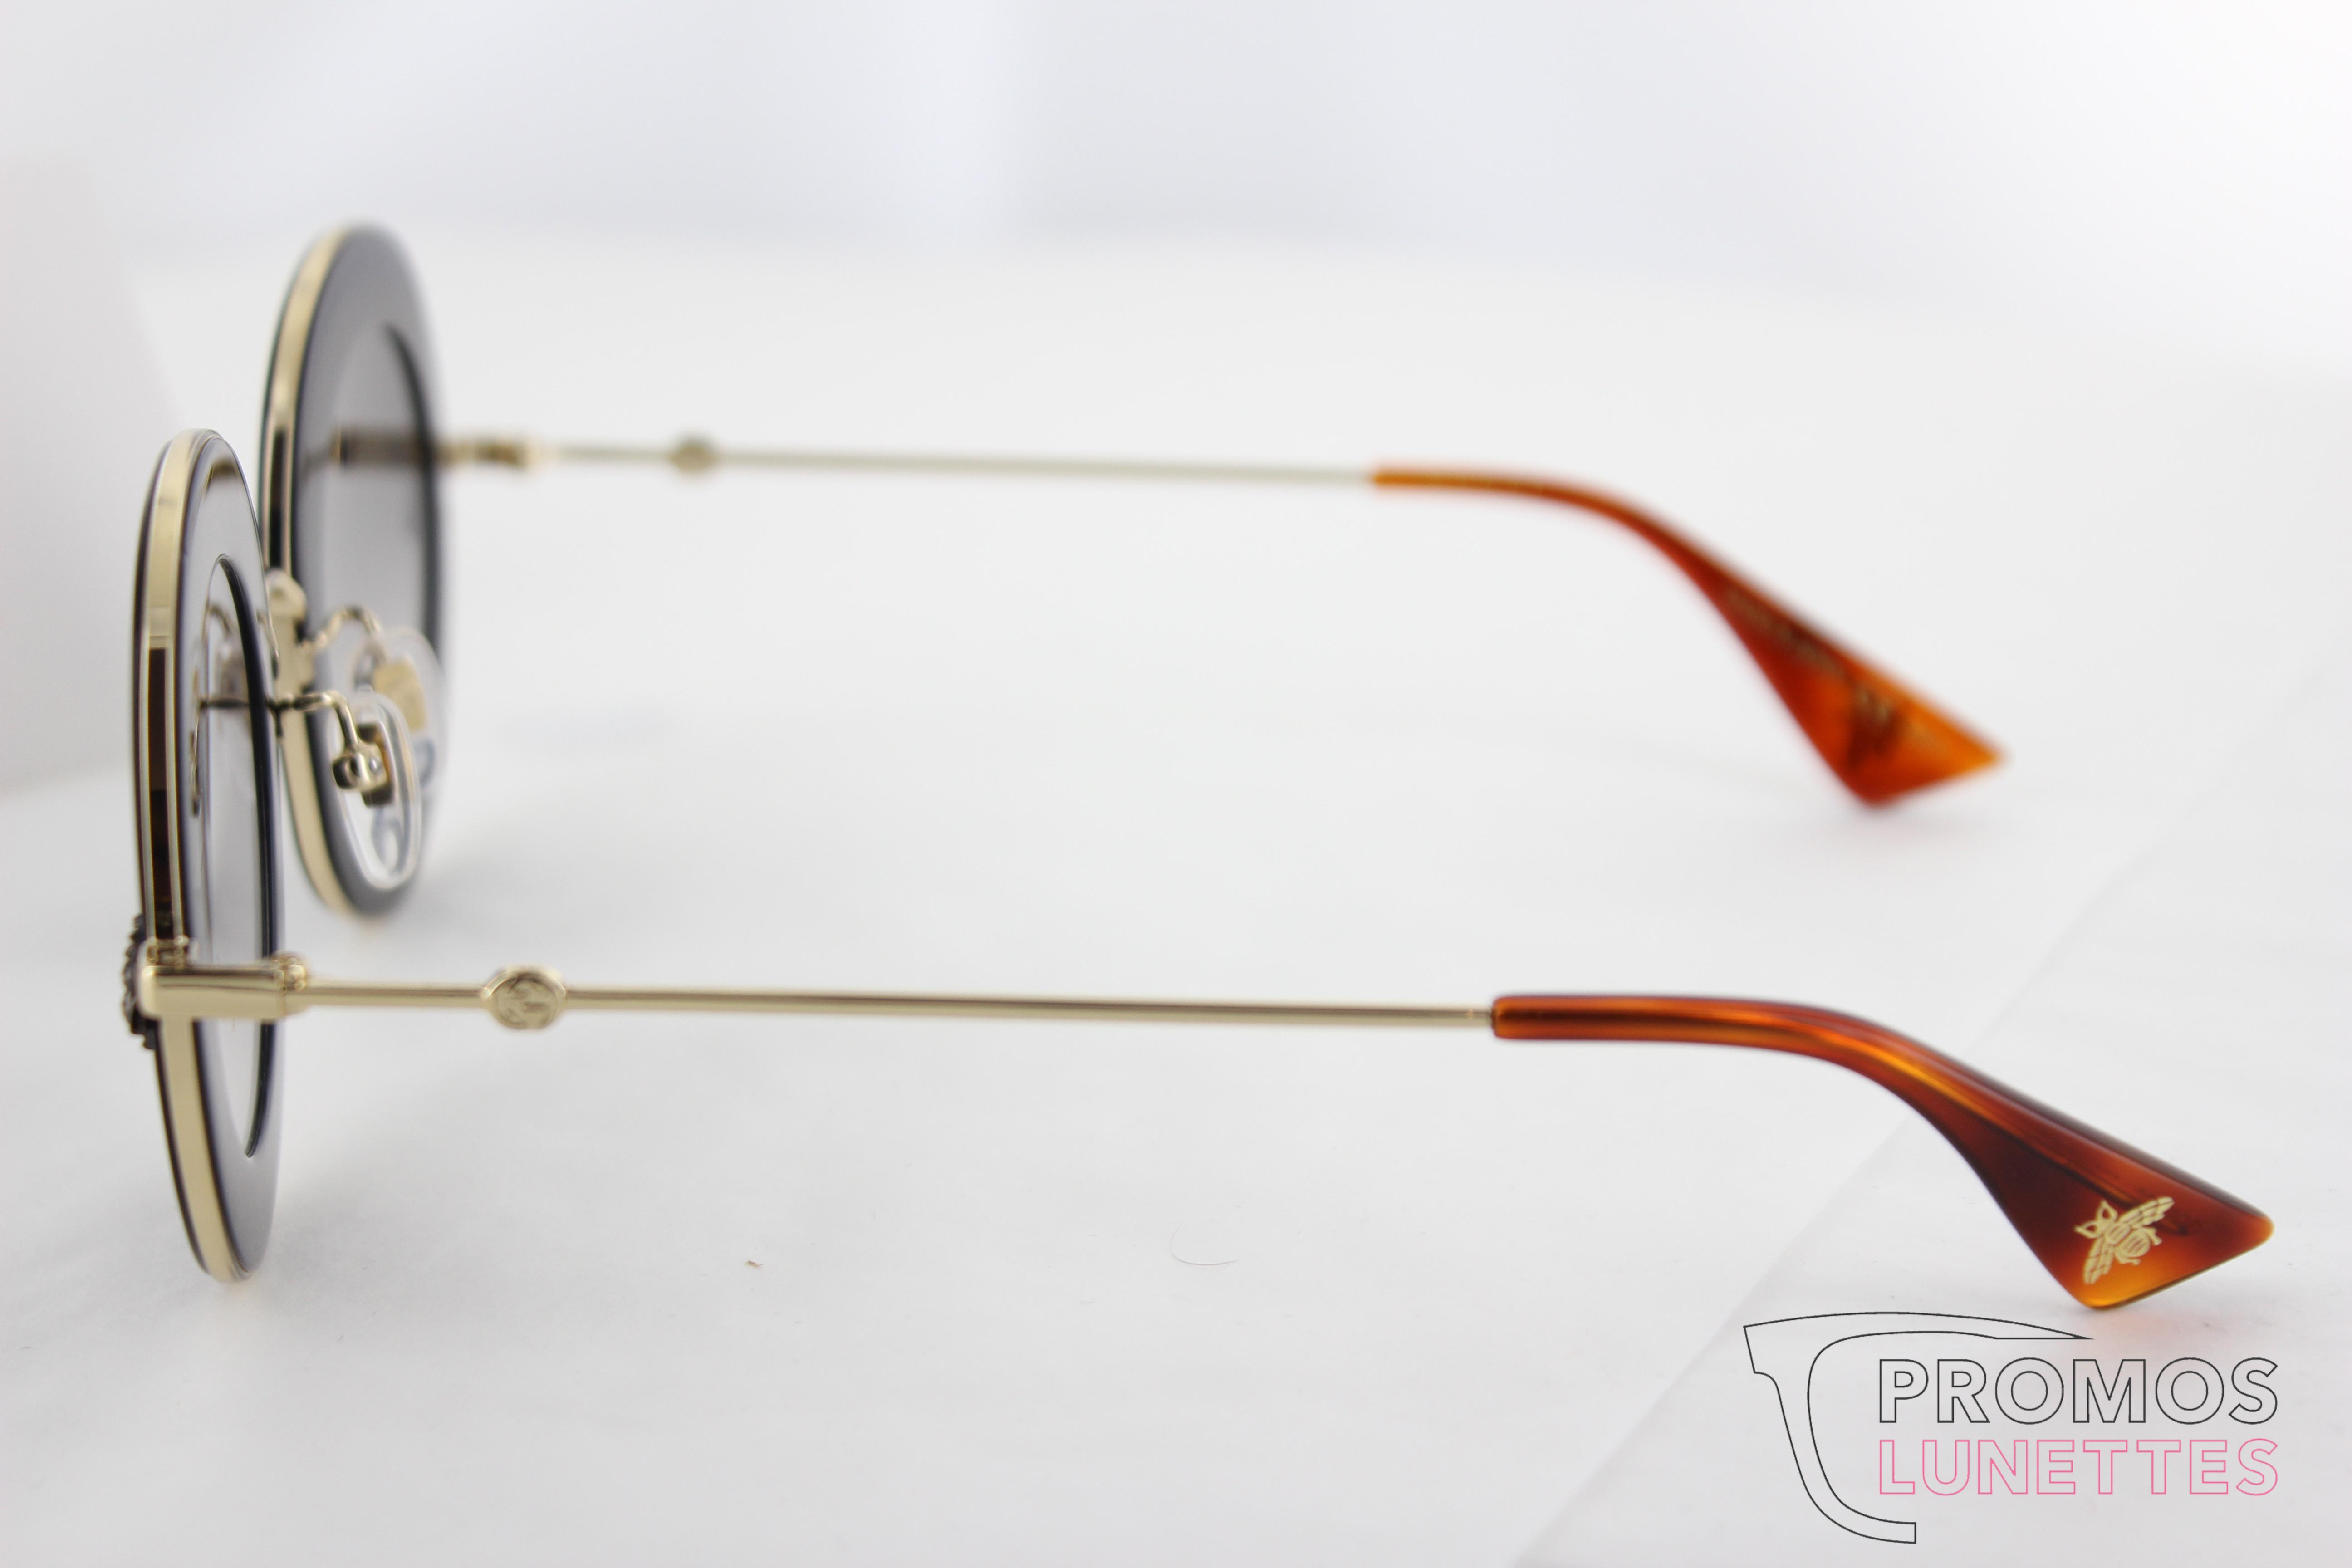 Lunette de soleil femme Gucci aveugle par amour   Une monture élégante et  raffinée feed5da3cf93